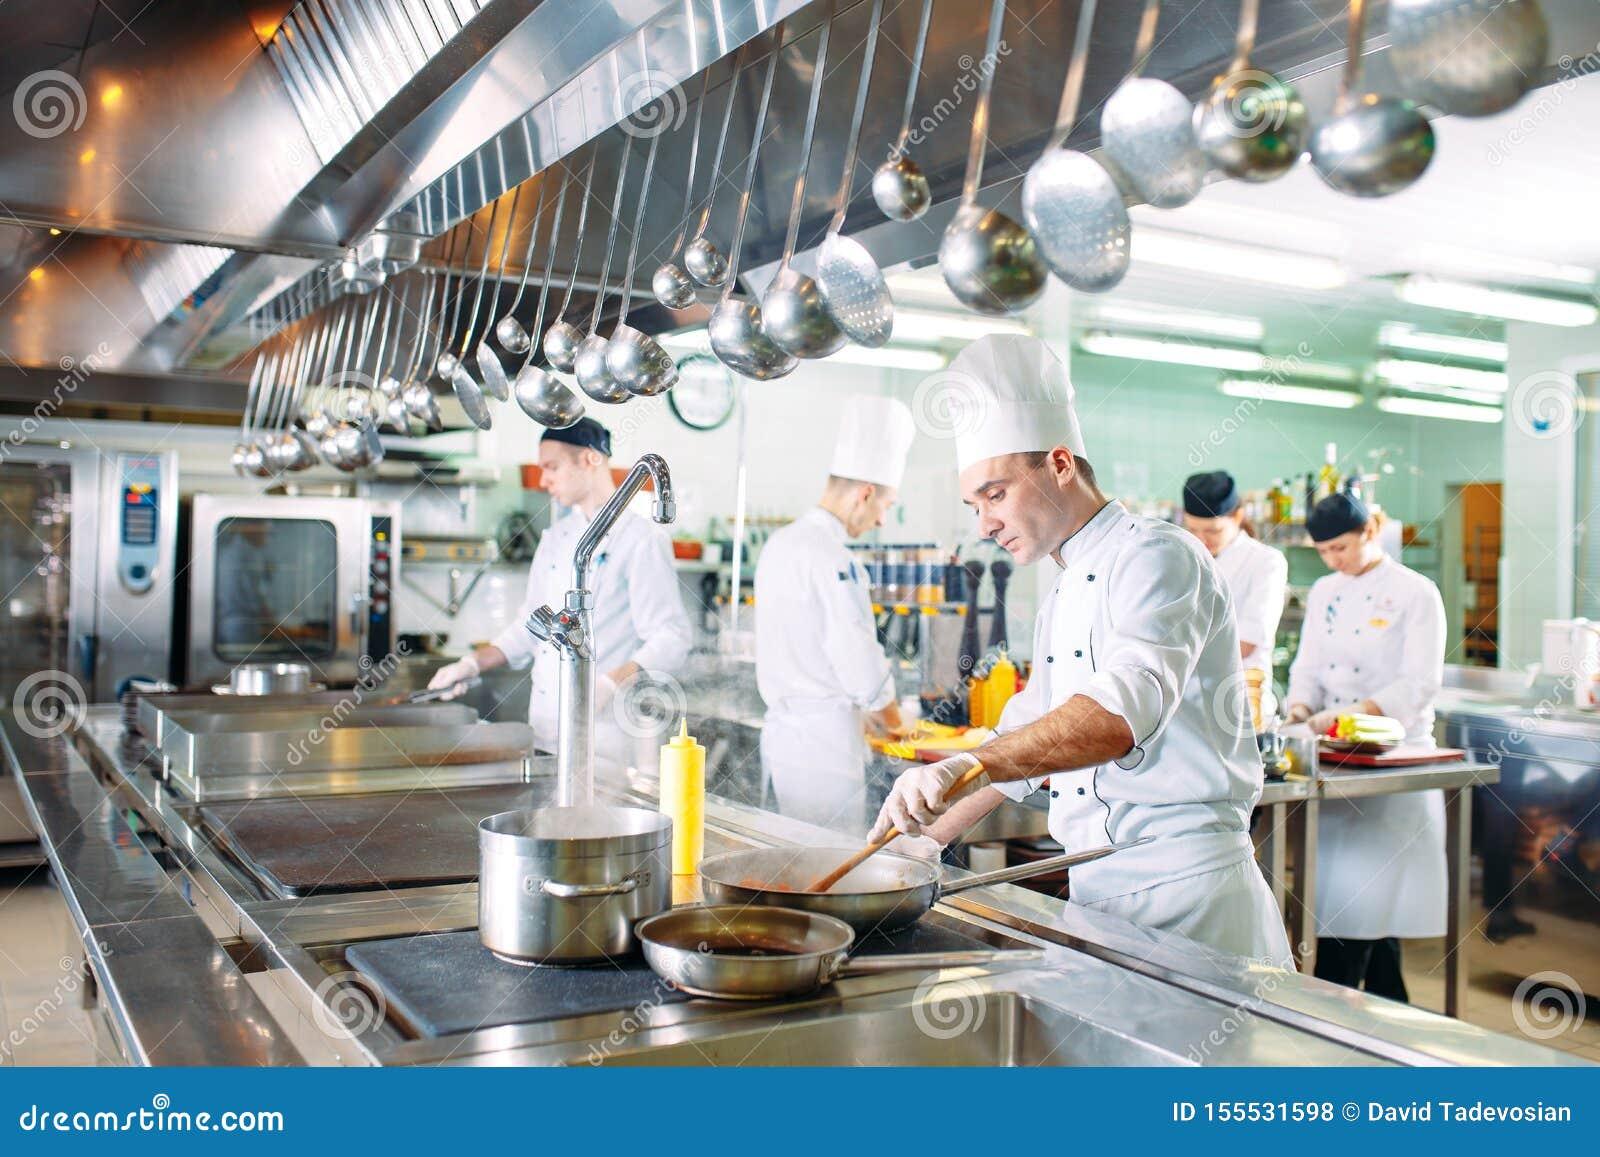 Nowoczesna kuchnia Szefowie kuchni przygotowywają posiłki w restauracji kuchni